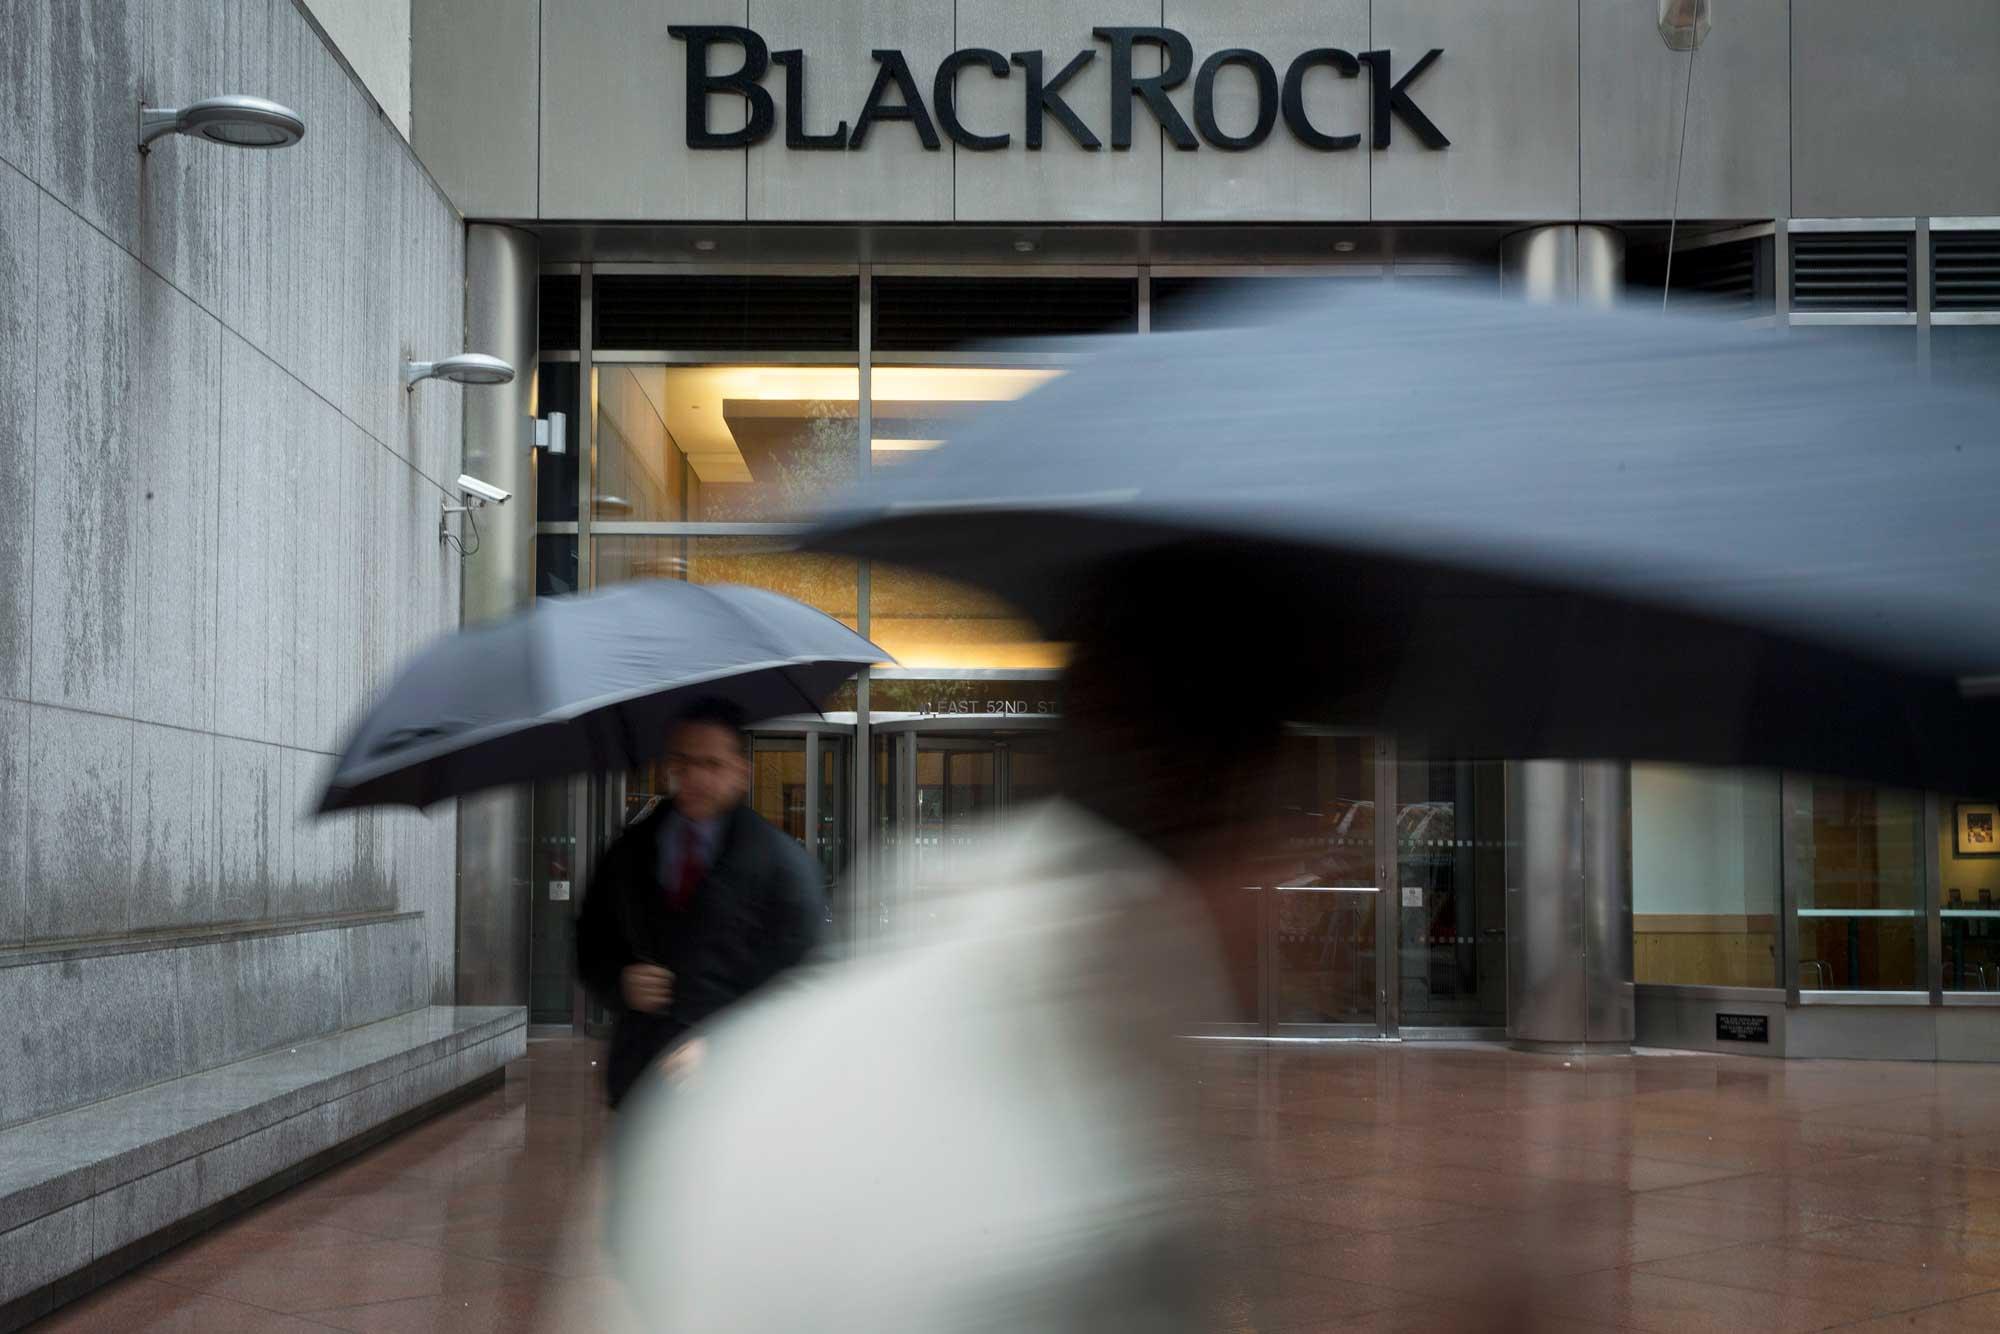 Imagine BlackRock being named 'BlackPebble'